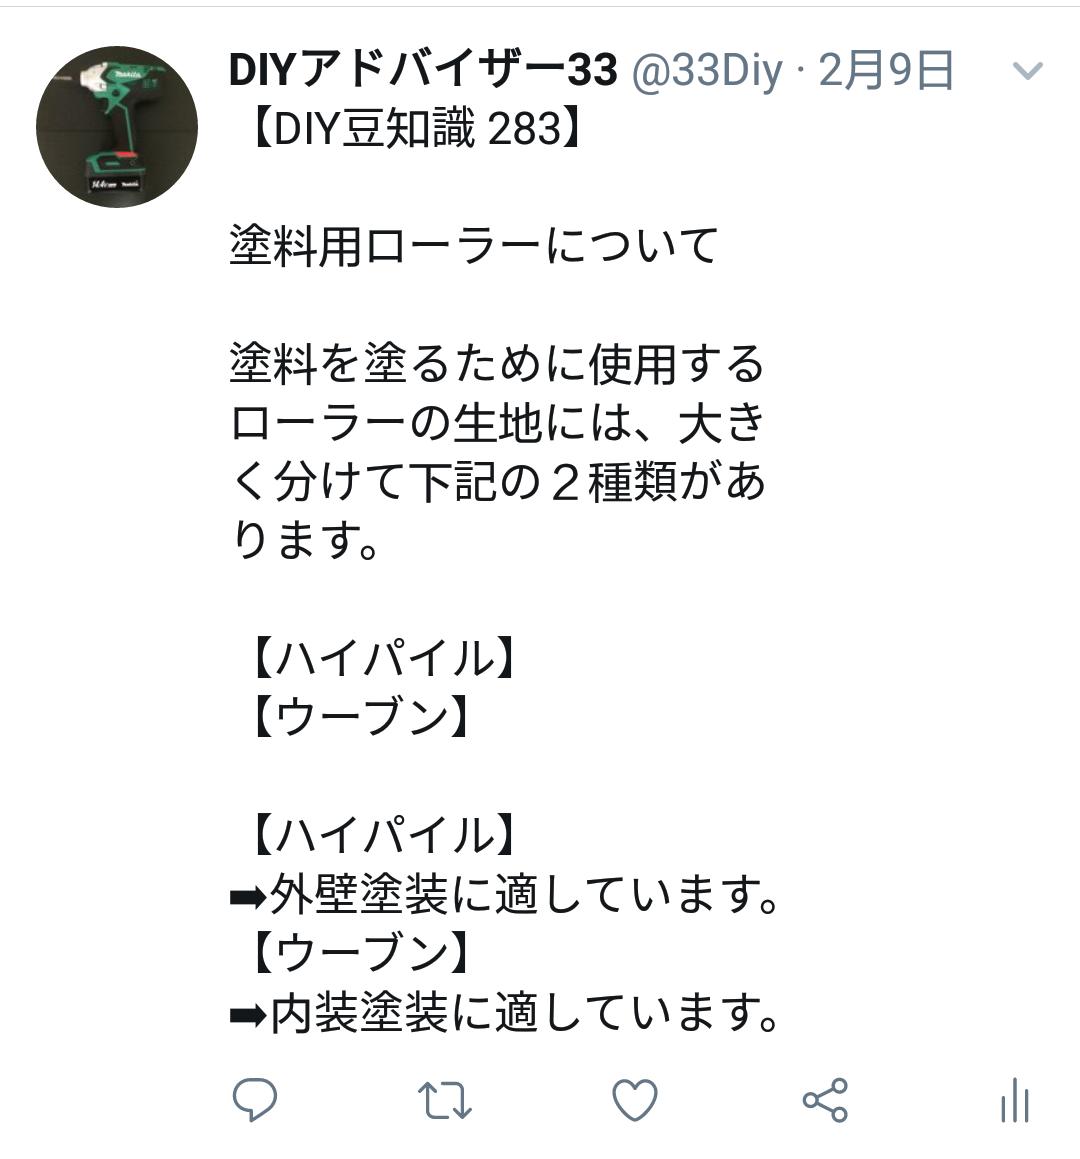 f:id:DIY33:20190409170409p:plain